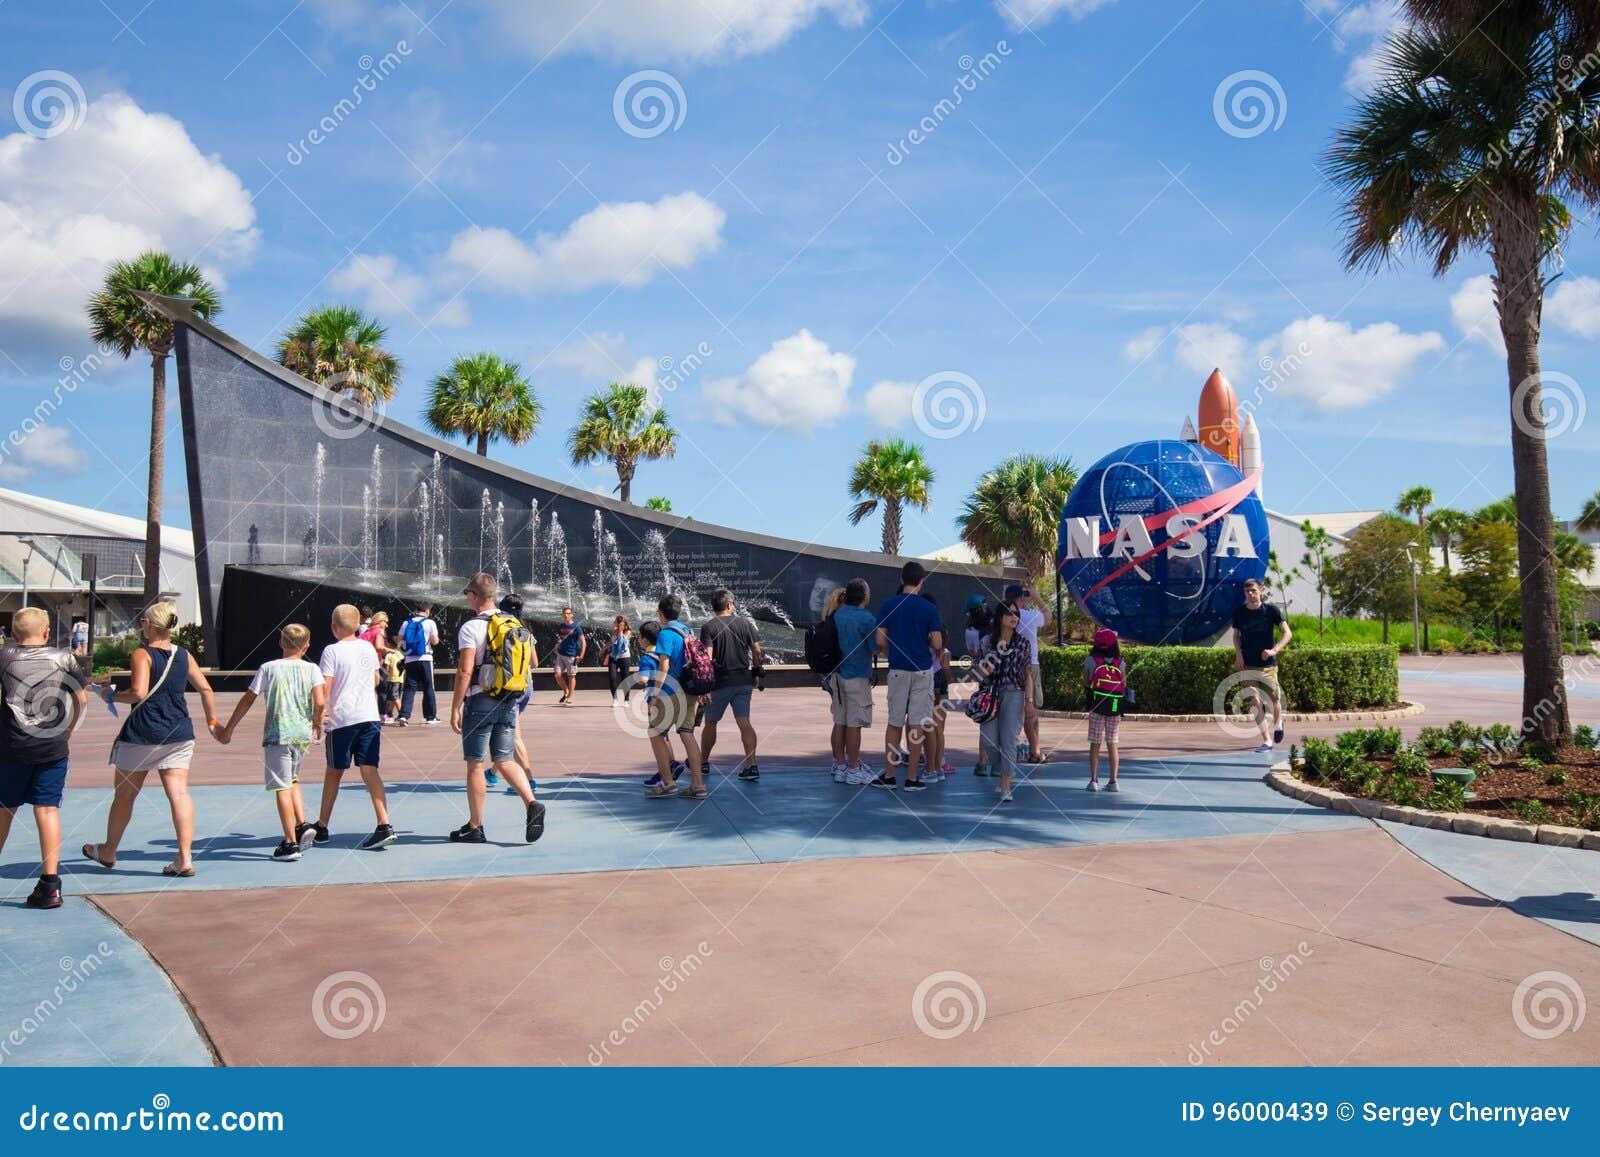 肯尼迪航天中心 卡纳维尔角,佛罗里达,美国